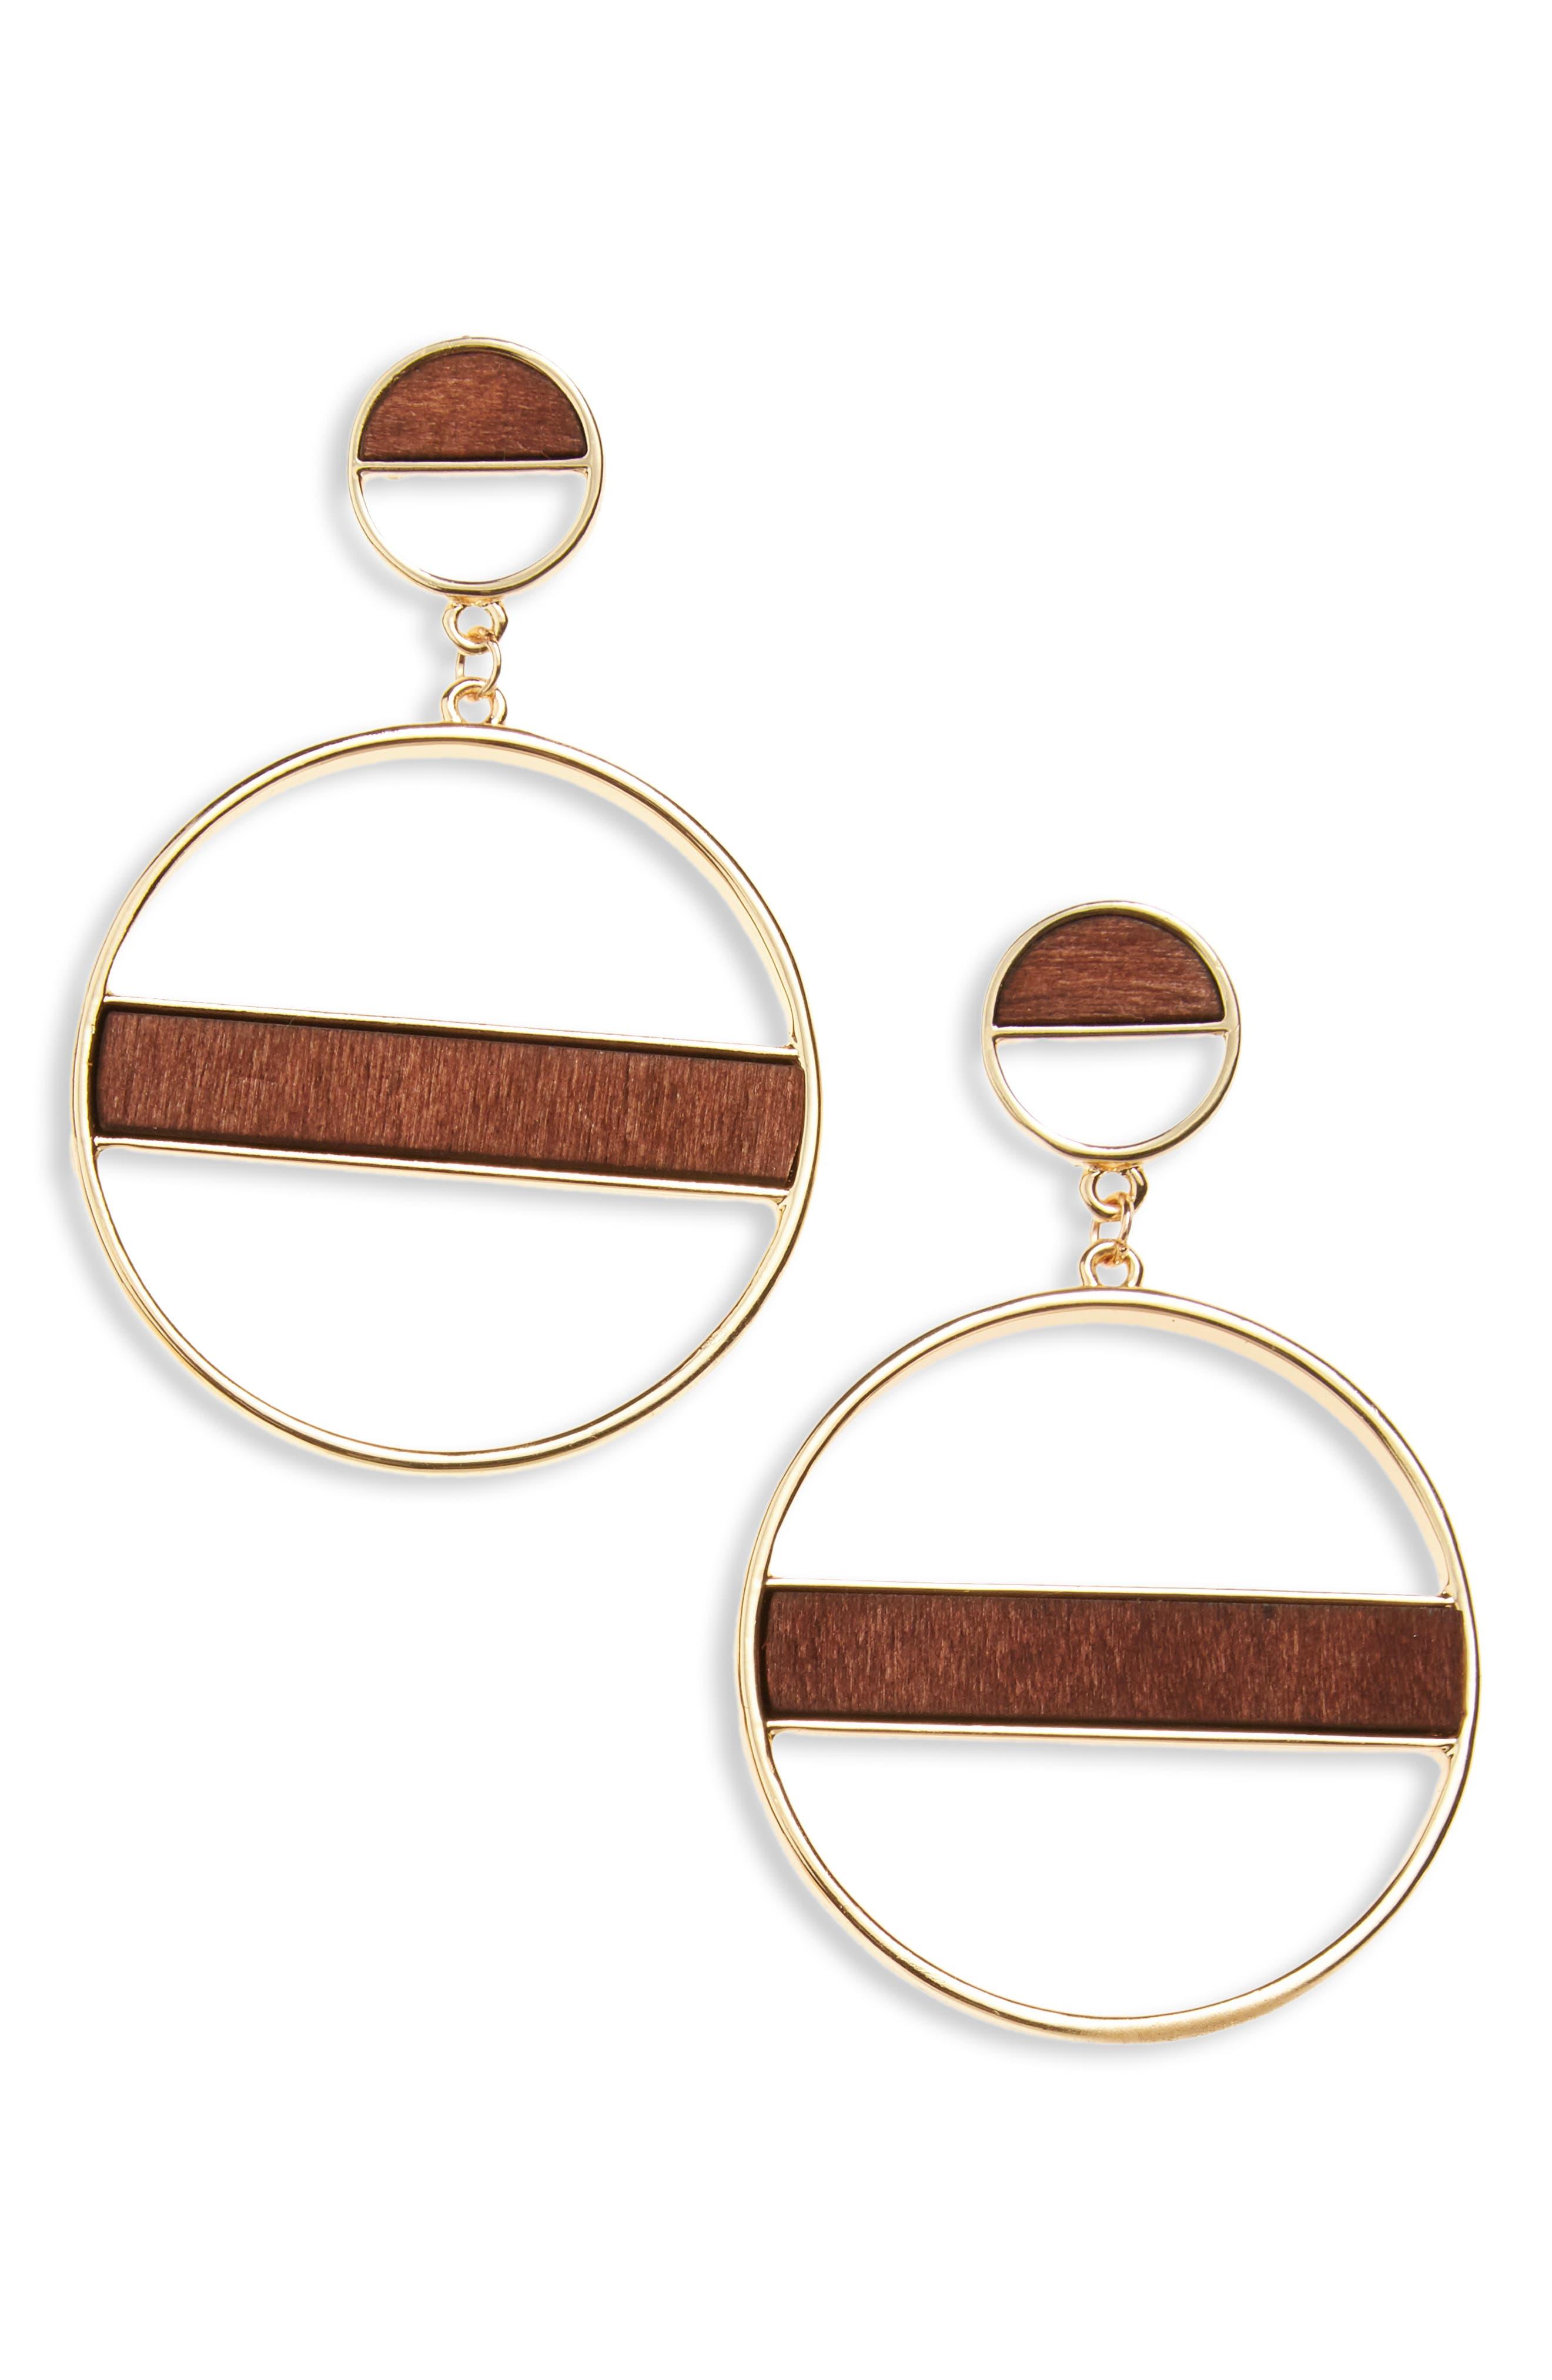 Wood Detail Hoop Earrings,                         Main,                         color, Gold/ Wood